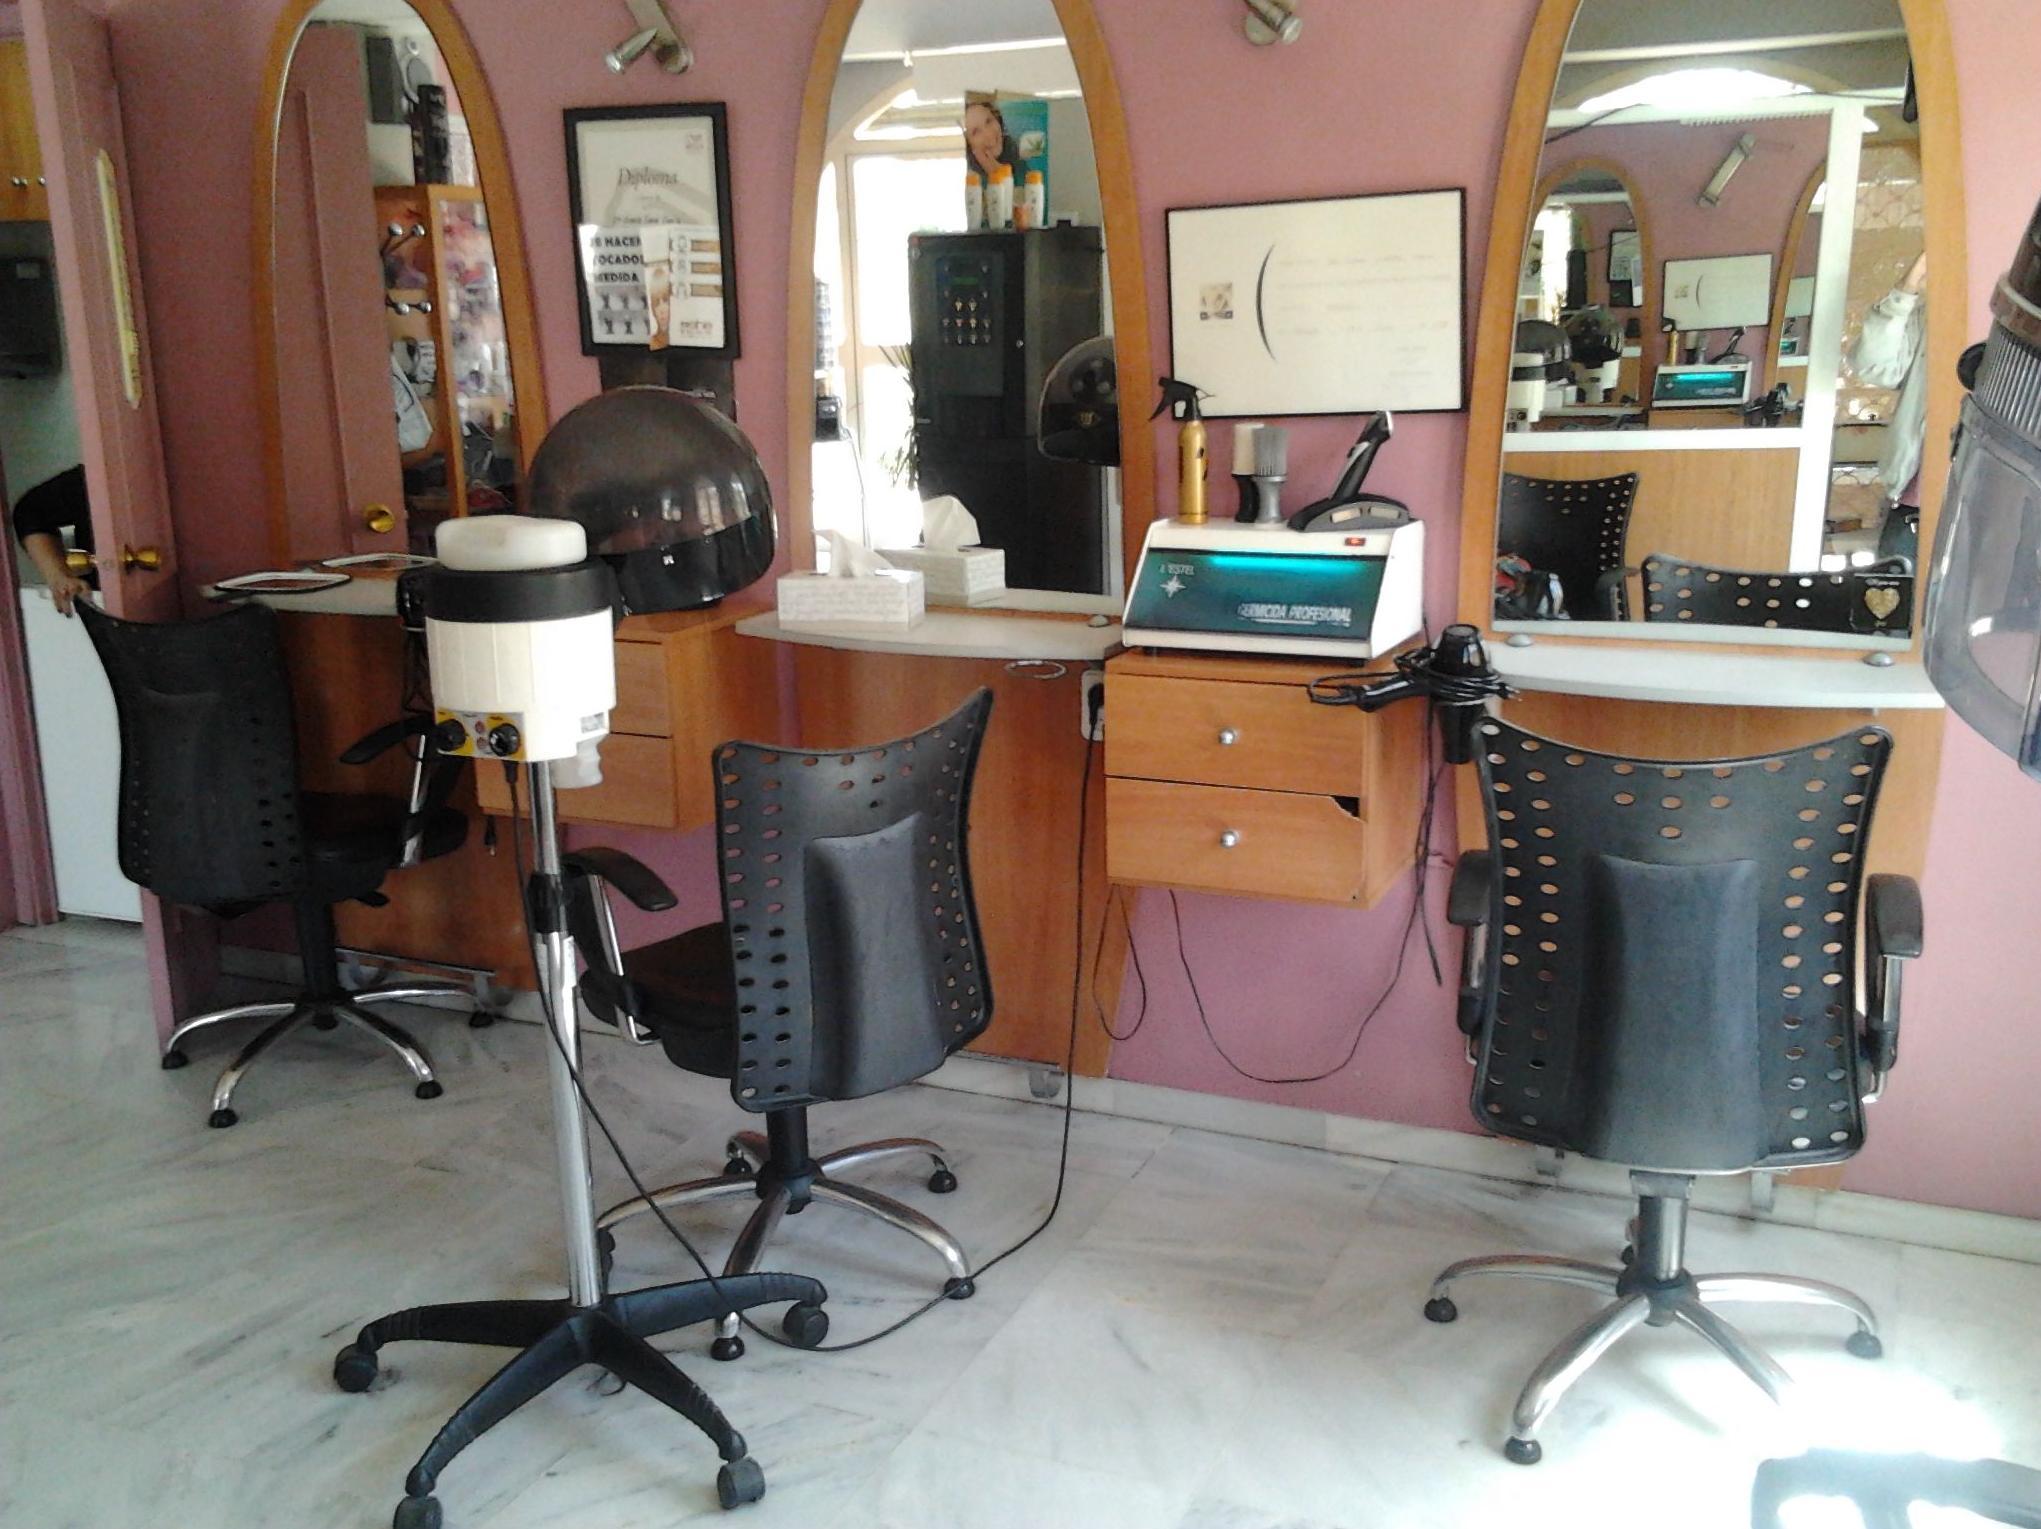 Instalación de un salón de peluquería y estética